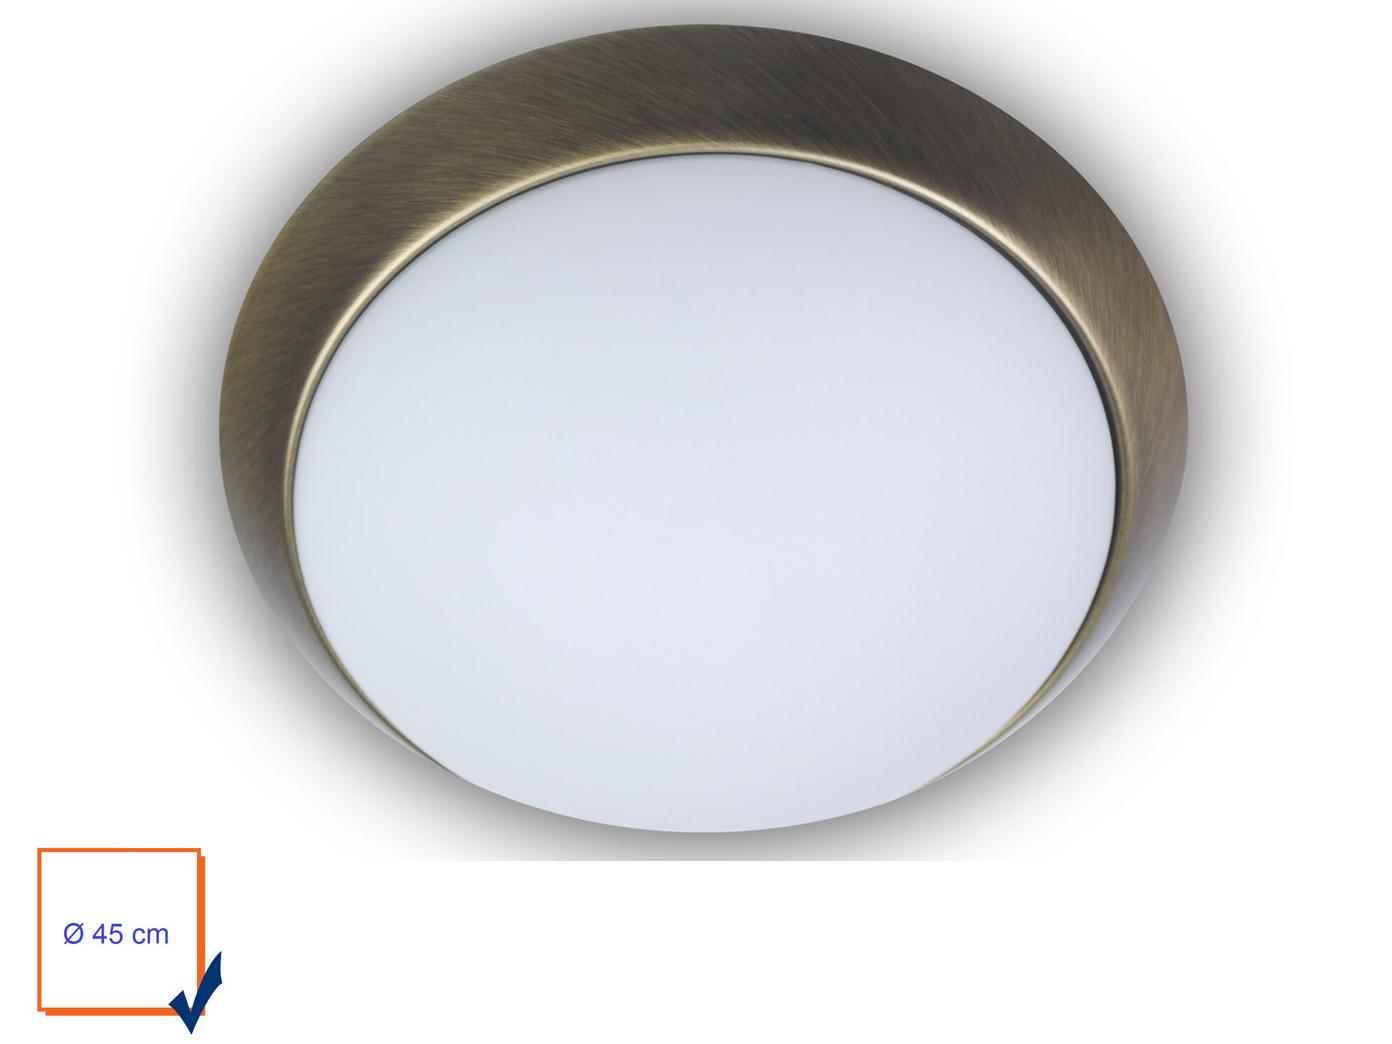 Design Led Kuchenlampe Landhausleuchte Leuchte Rund O45cm Dekorring